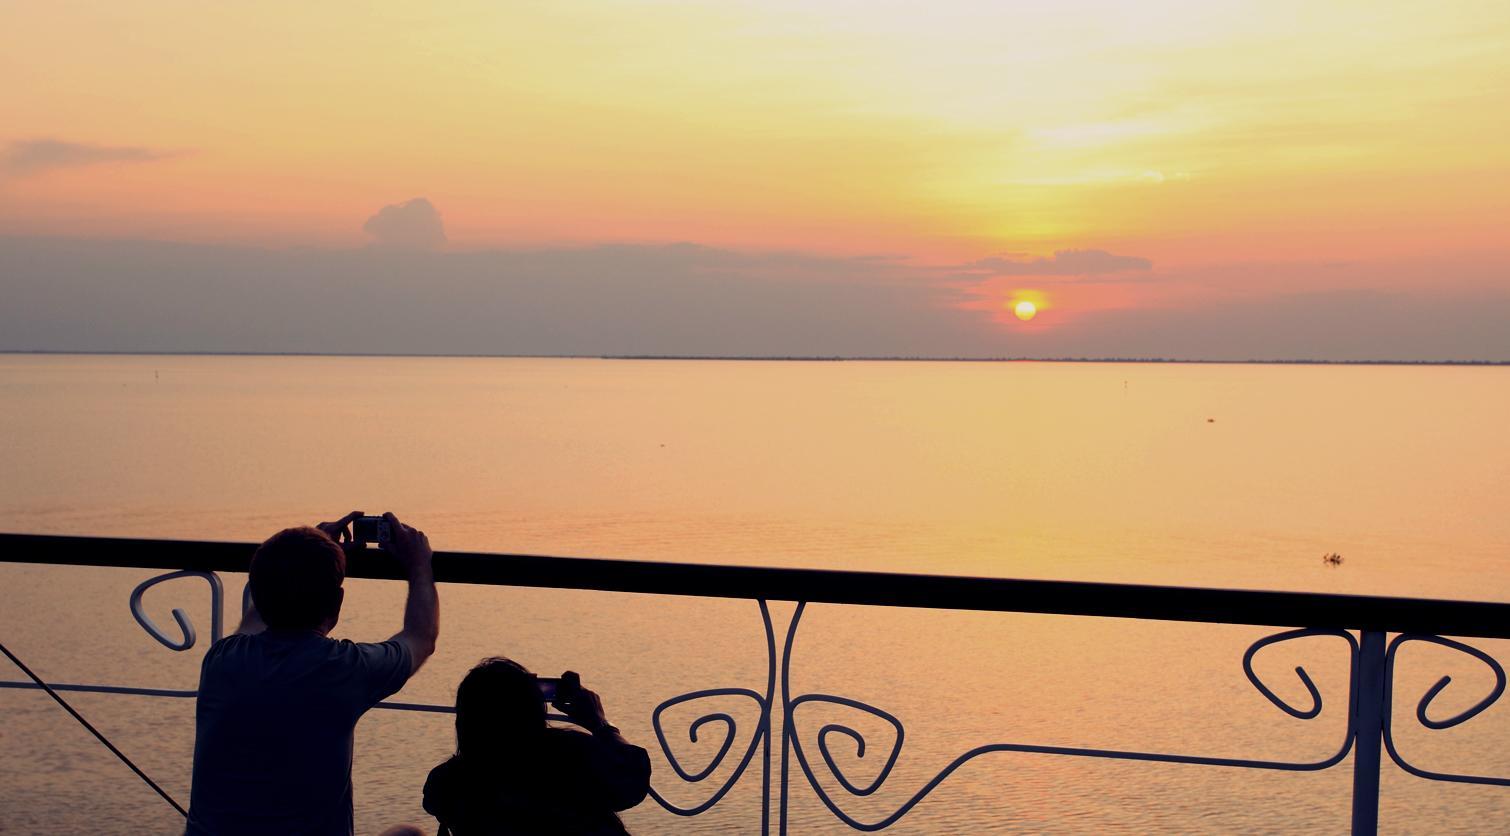 Ausblick von Deck auf den Sonnenuntergang auf der Jayavarman der Heritage Line auf dem Mekong in Vietnam und Kambodscha